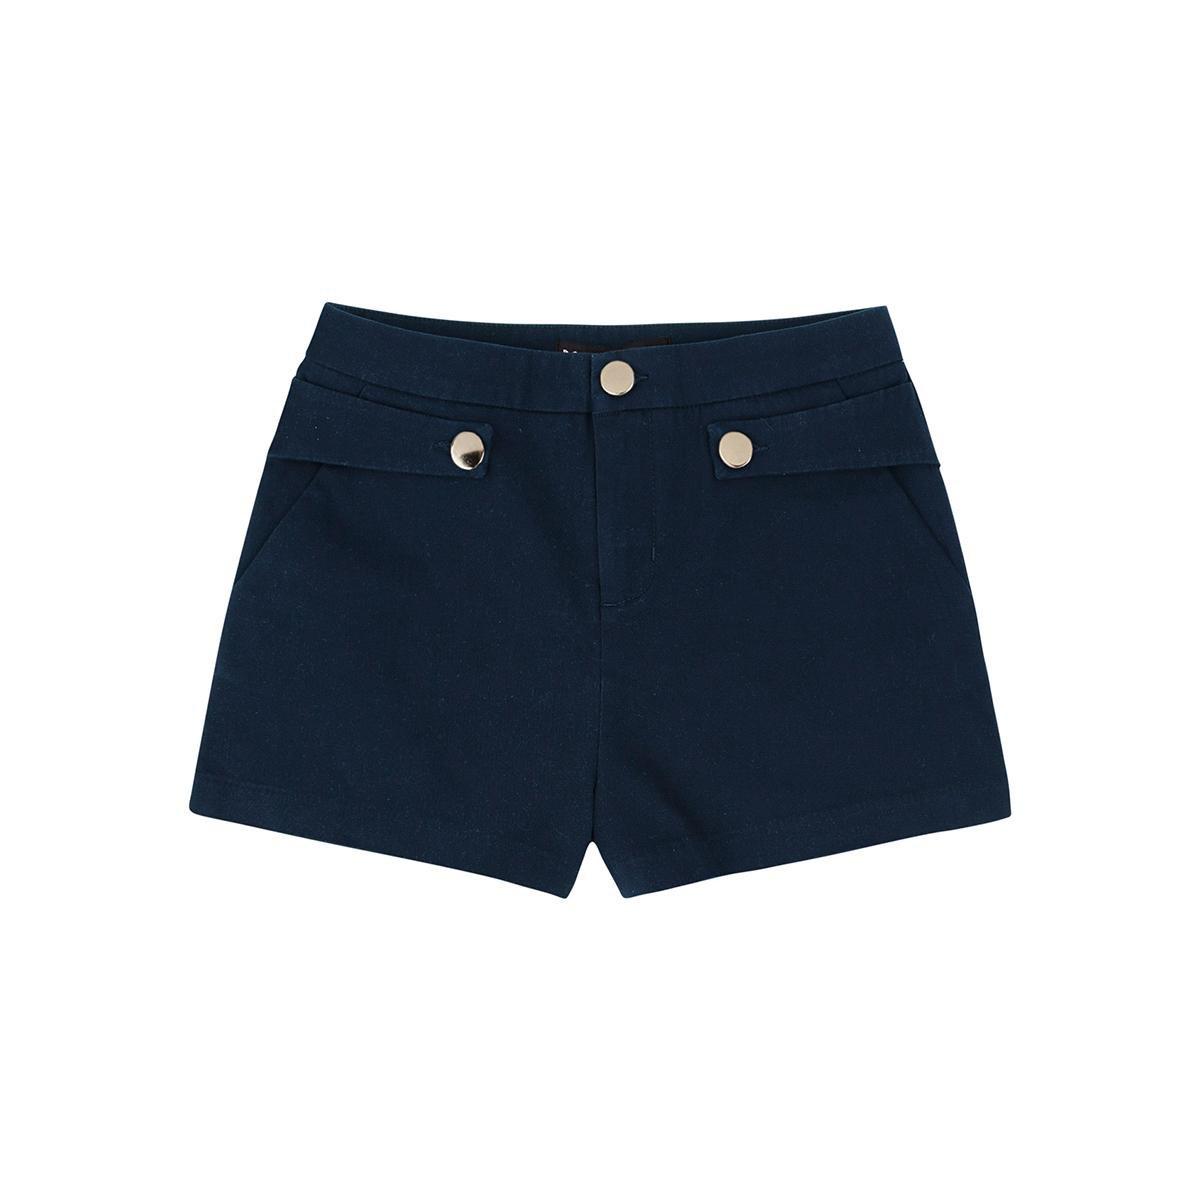 Shorts Hering Em Tecido De Algodão Com Detalhe De Martingale Feminino - Azul Escuro